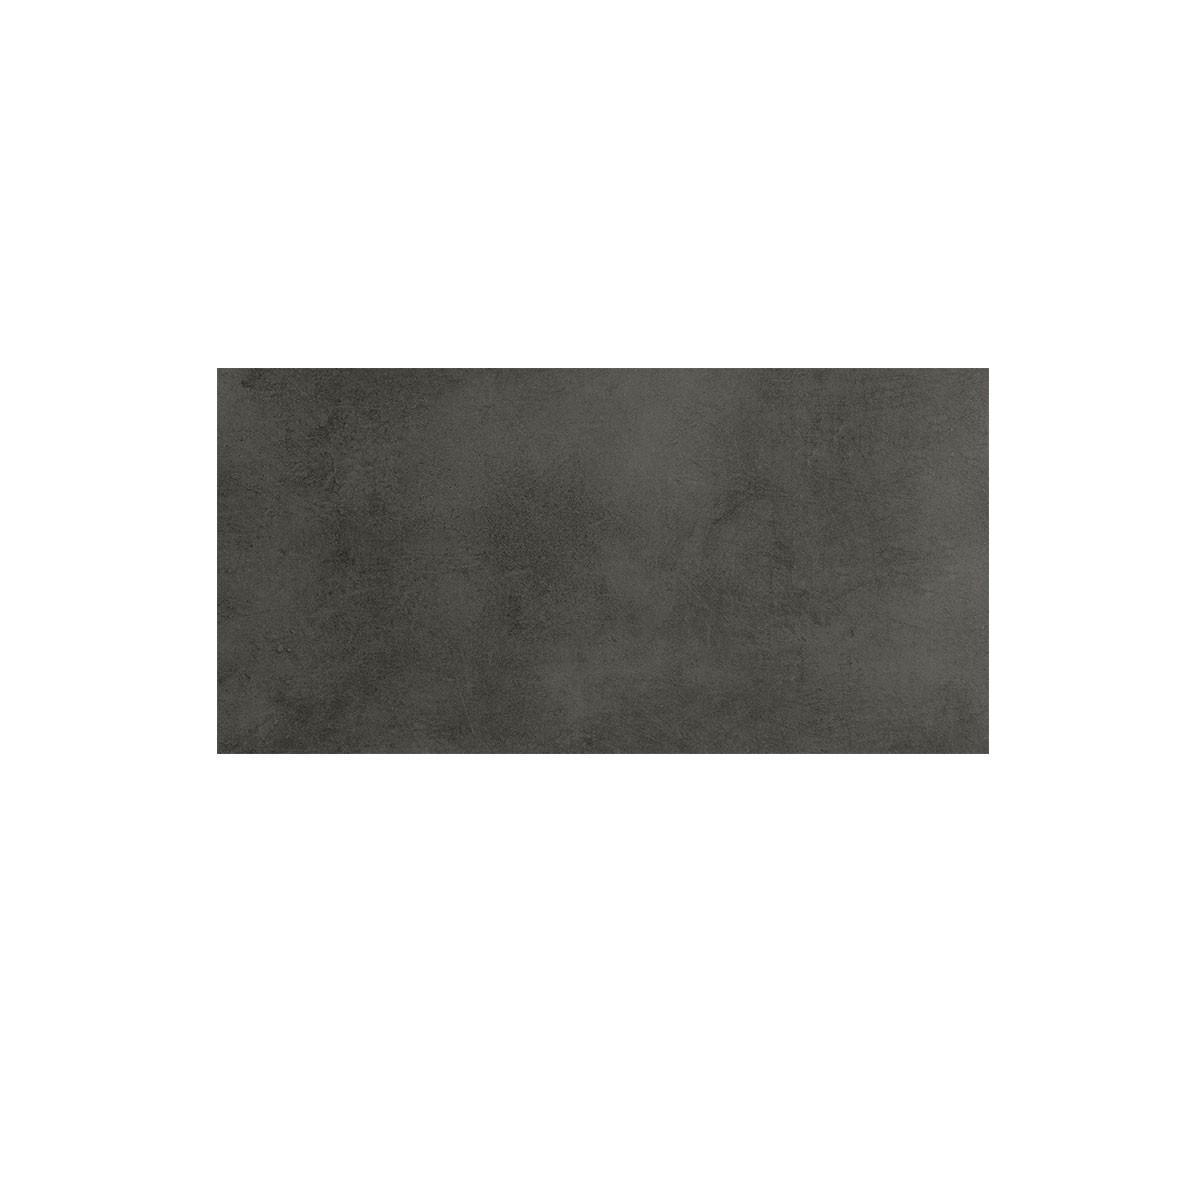 DECORAPORT NSM Panneau Mural, Sombre Luxor,4'' x6'' (NLS-09) (Échantillon)